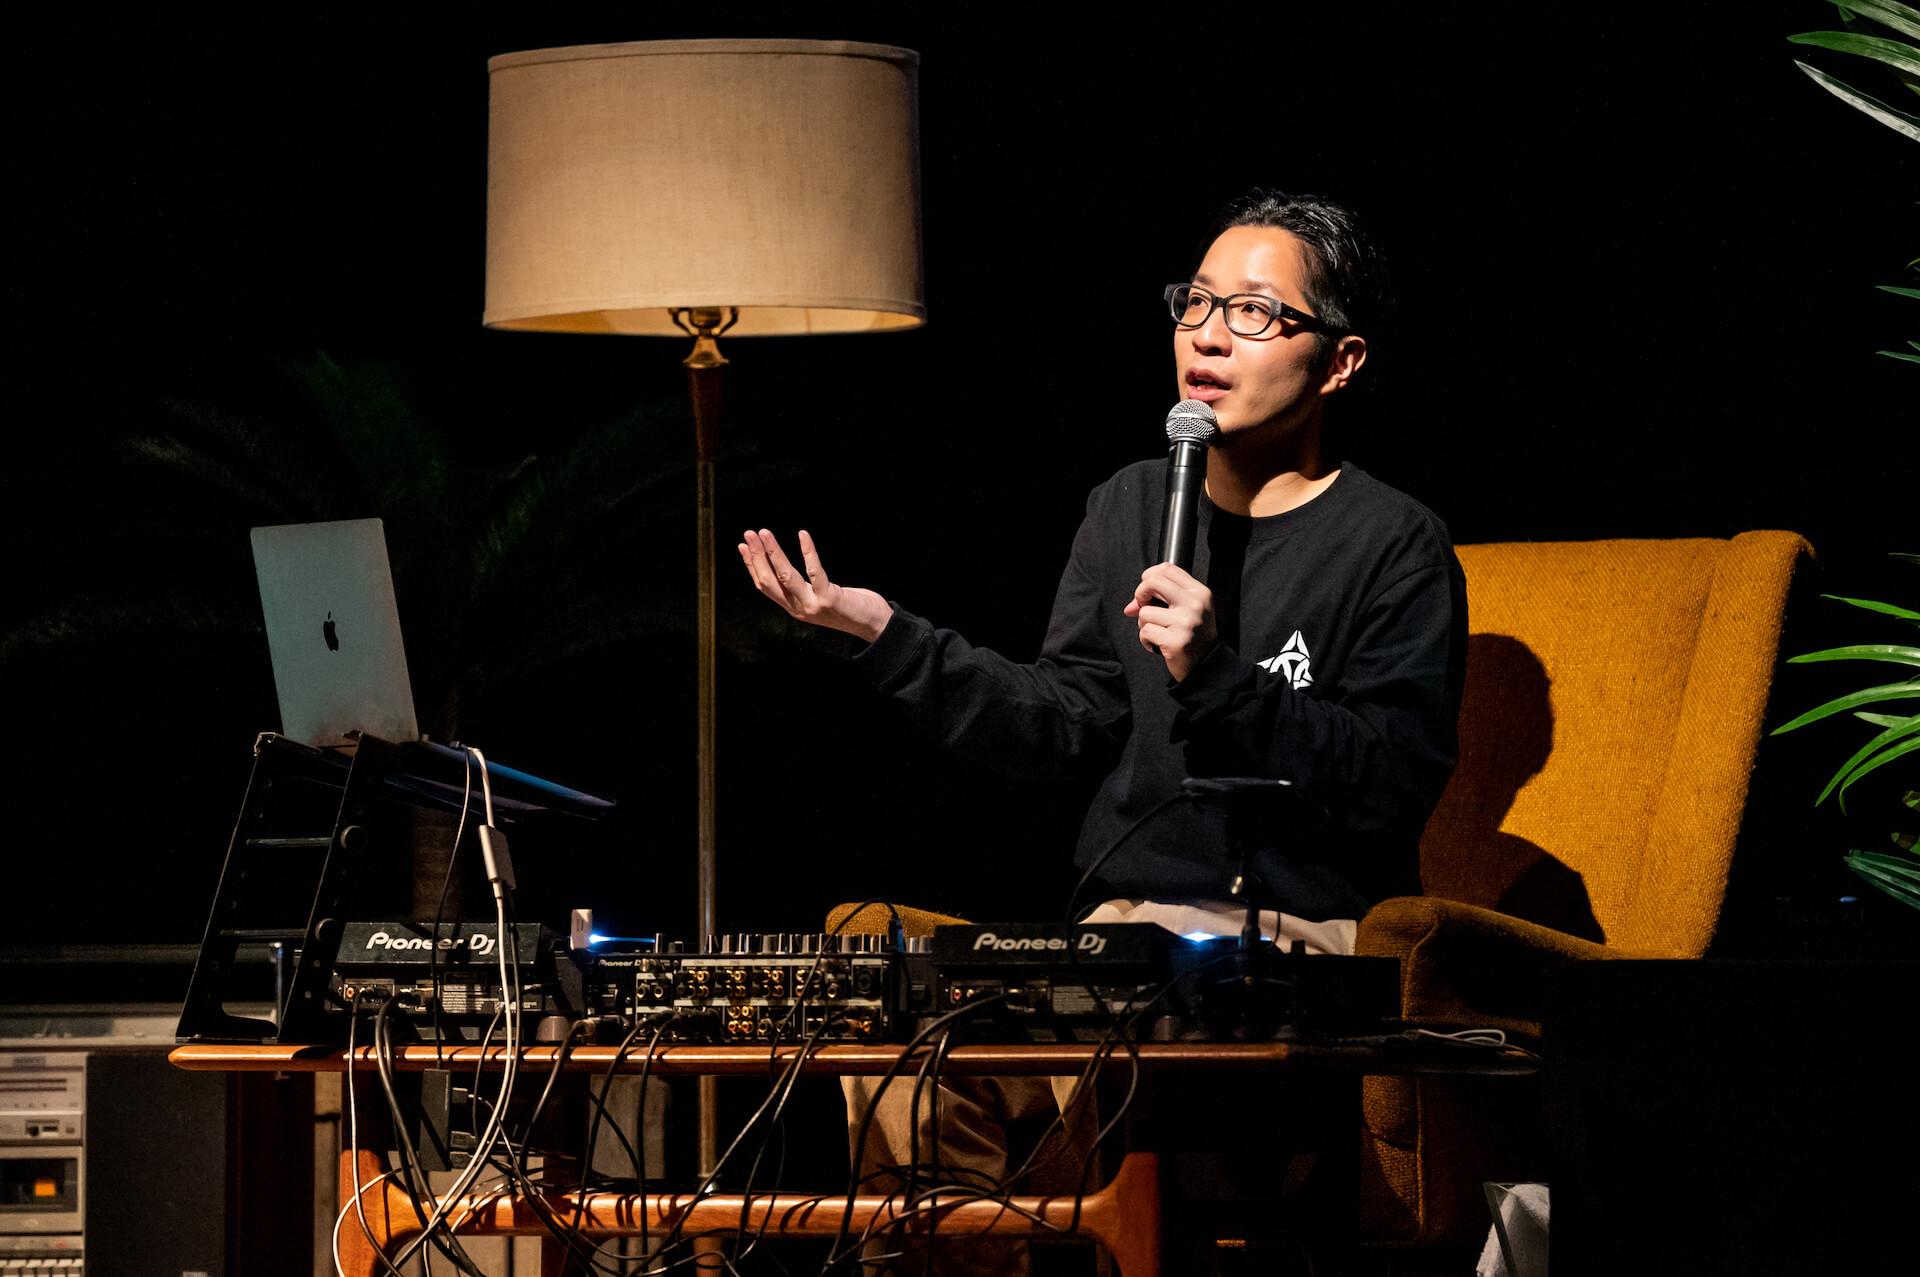 エグいネタバレは「エモい!」じゃすまされない、えもいわれぬ体験|PUNPEEが再定義したトークイベントの価値 music210709_punpee-tongpoo-010